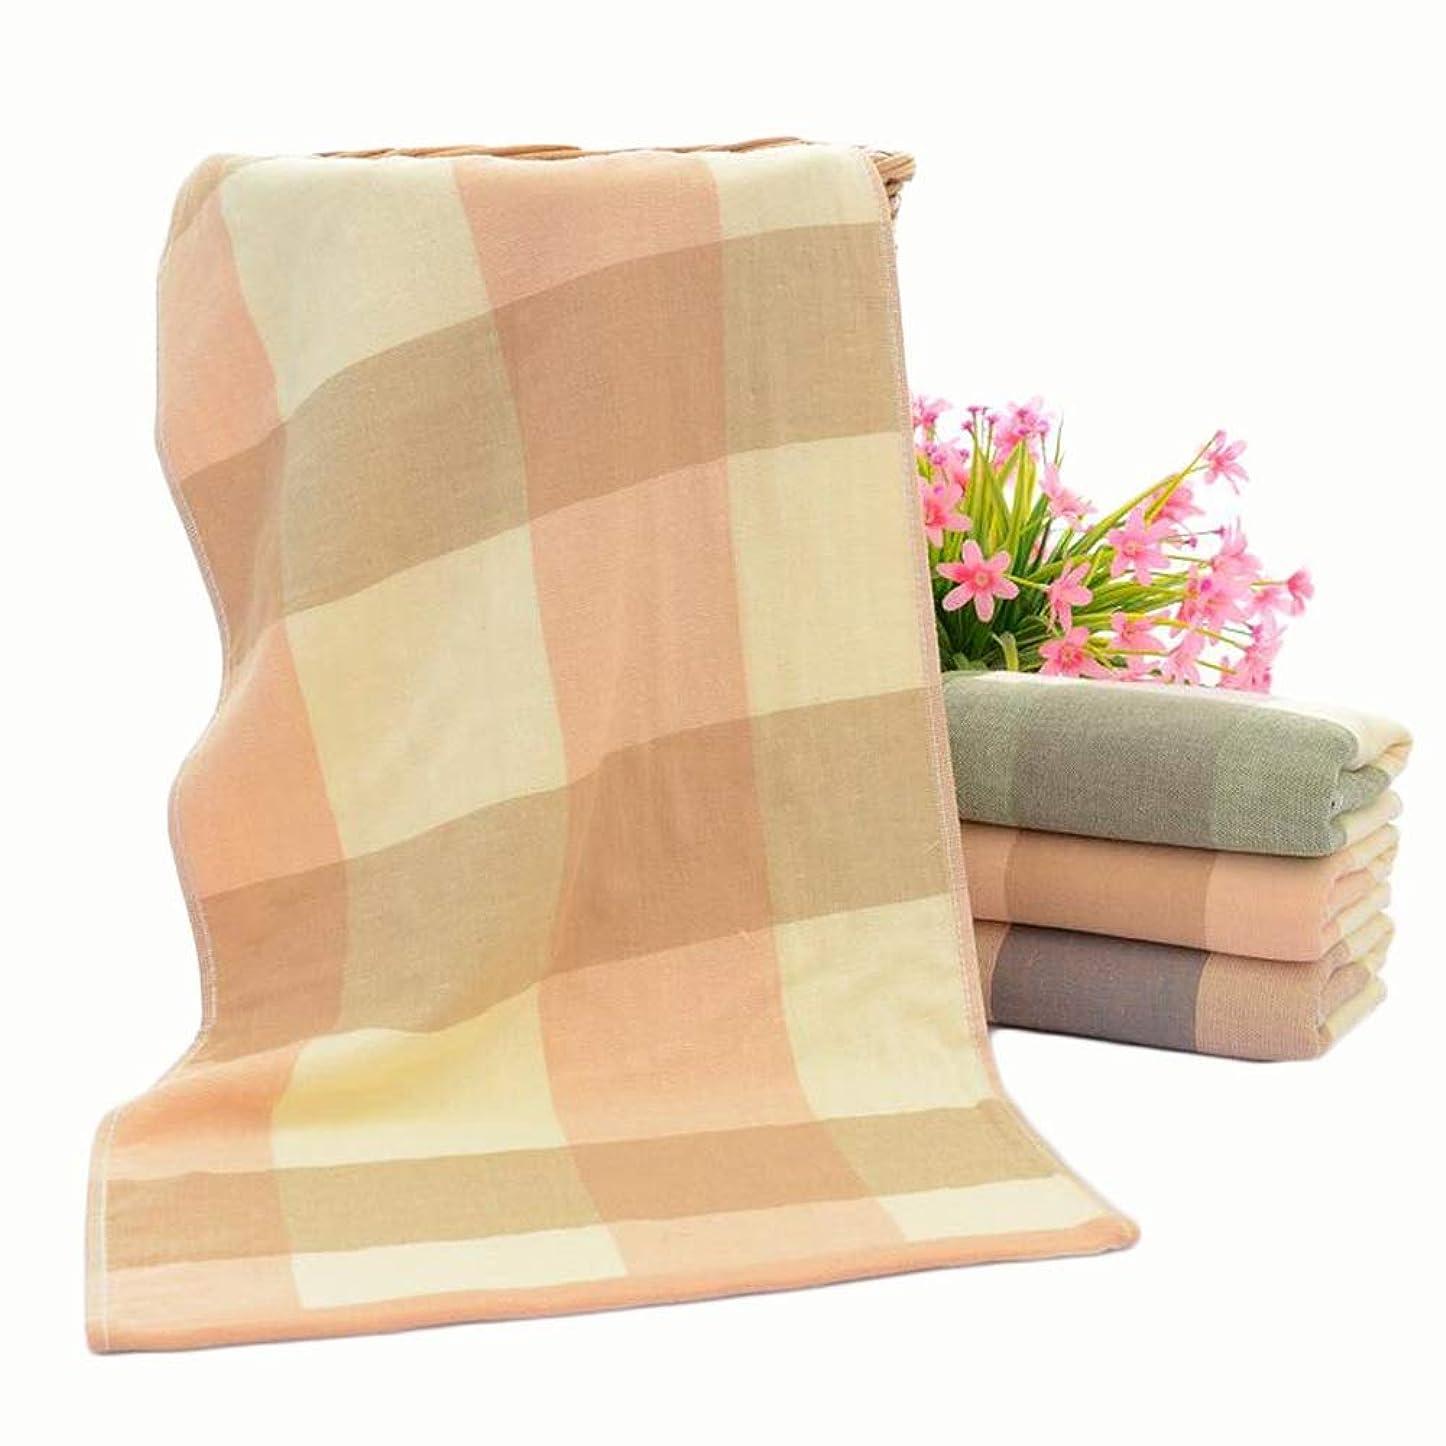 見出し仮説炭素CXUNKK 2PCS / LOT家庭用増粘吸水市松模様生地タオル綿タオル (Color : Pink, Size : 35*75)